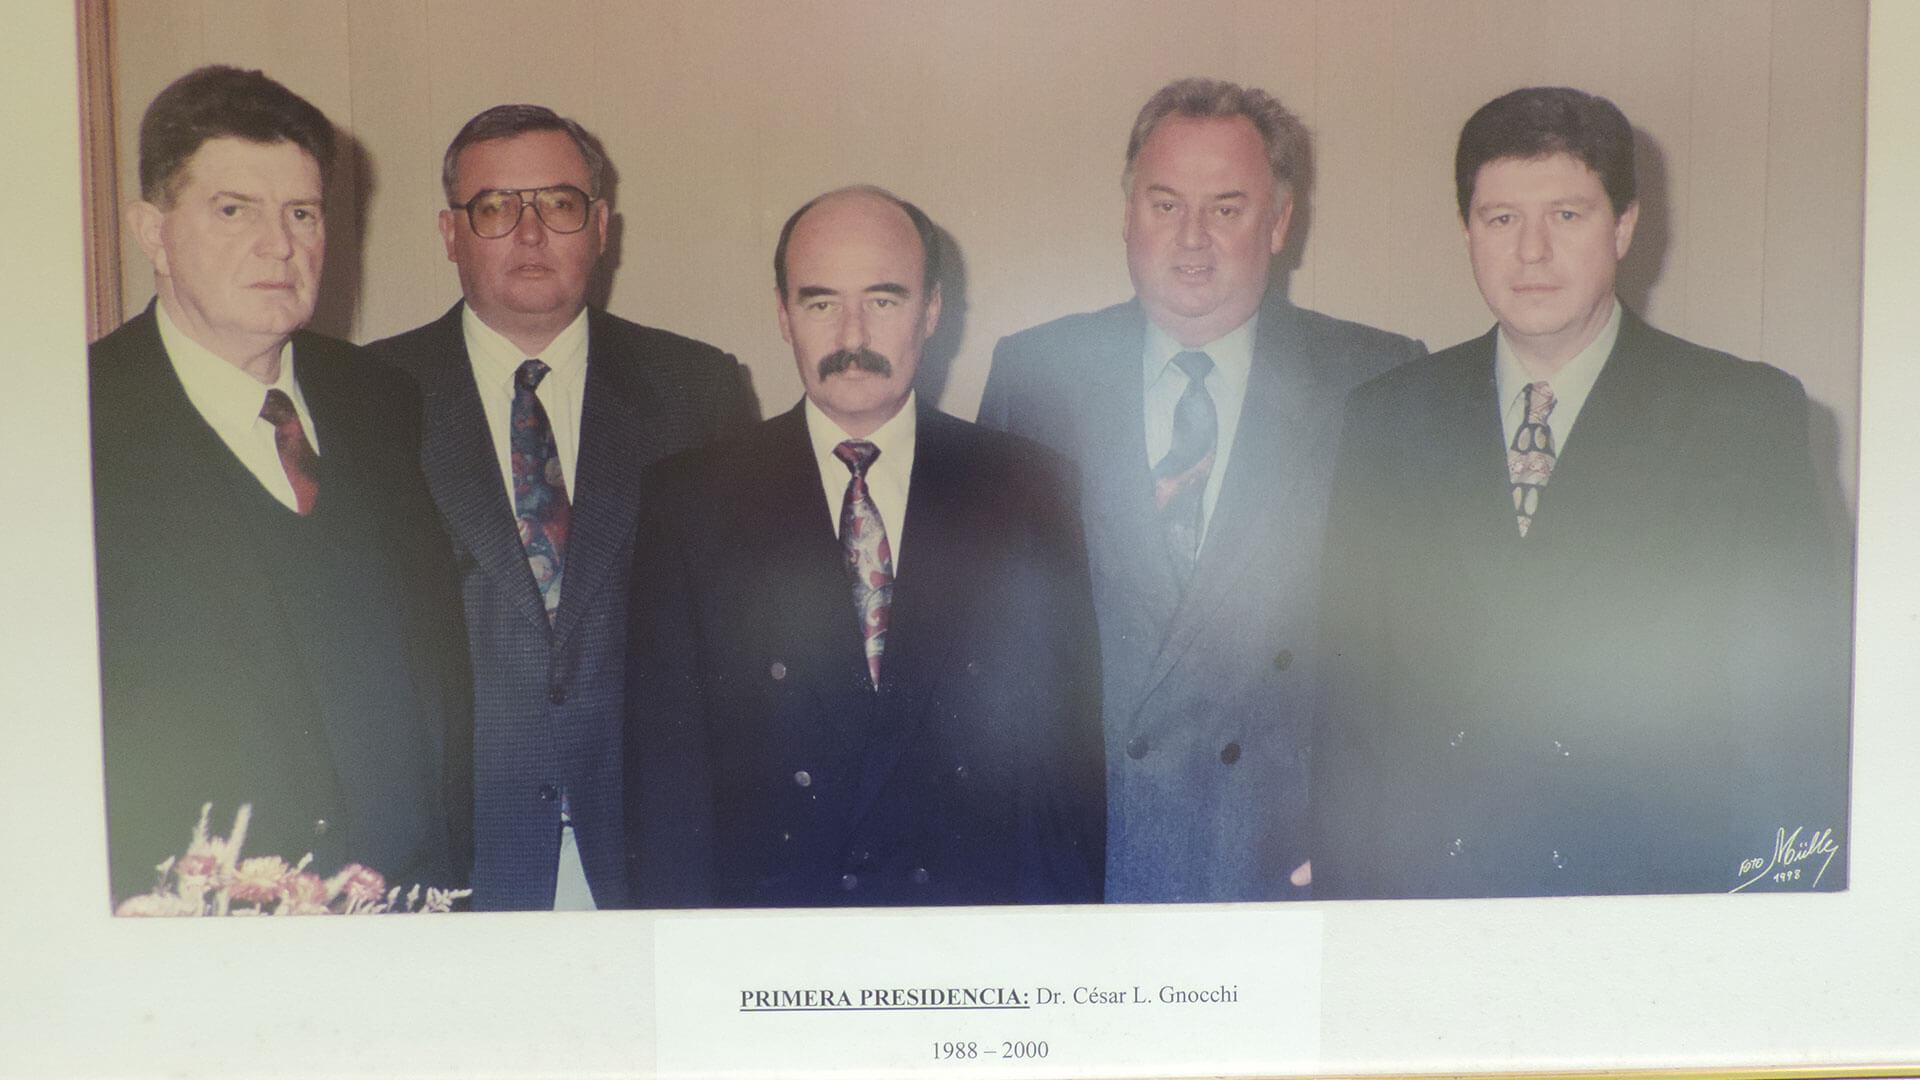 Primera Presidencia